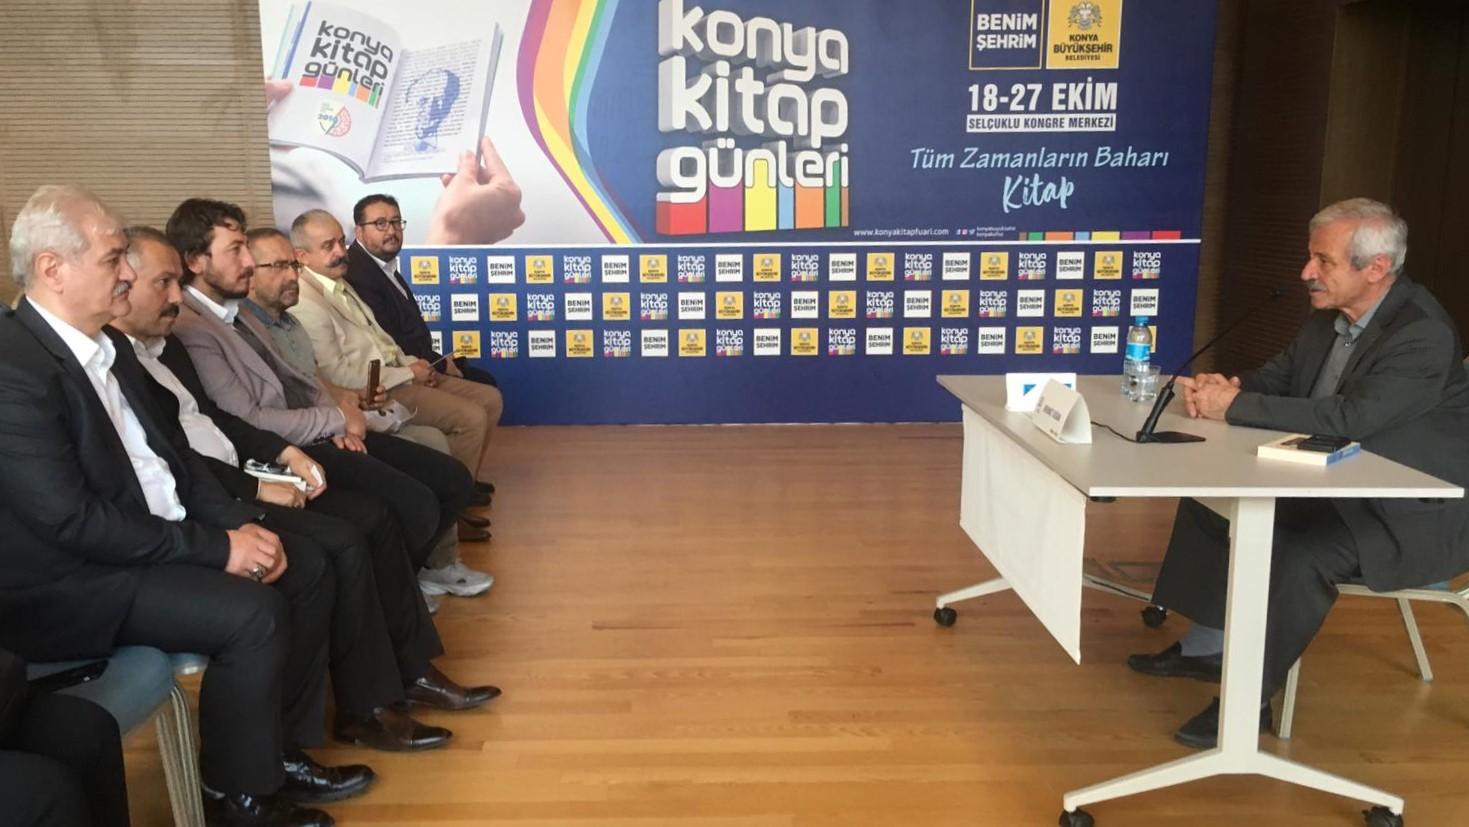 """D. Mehmet Doğan: """"Millî Mücadele'yi başarıya ulaştıran manevi arkaplan doğru anlaşılmalı."""""""